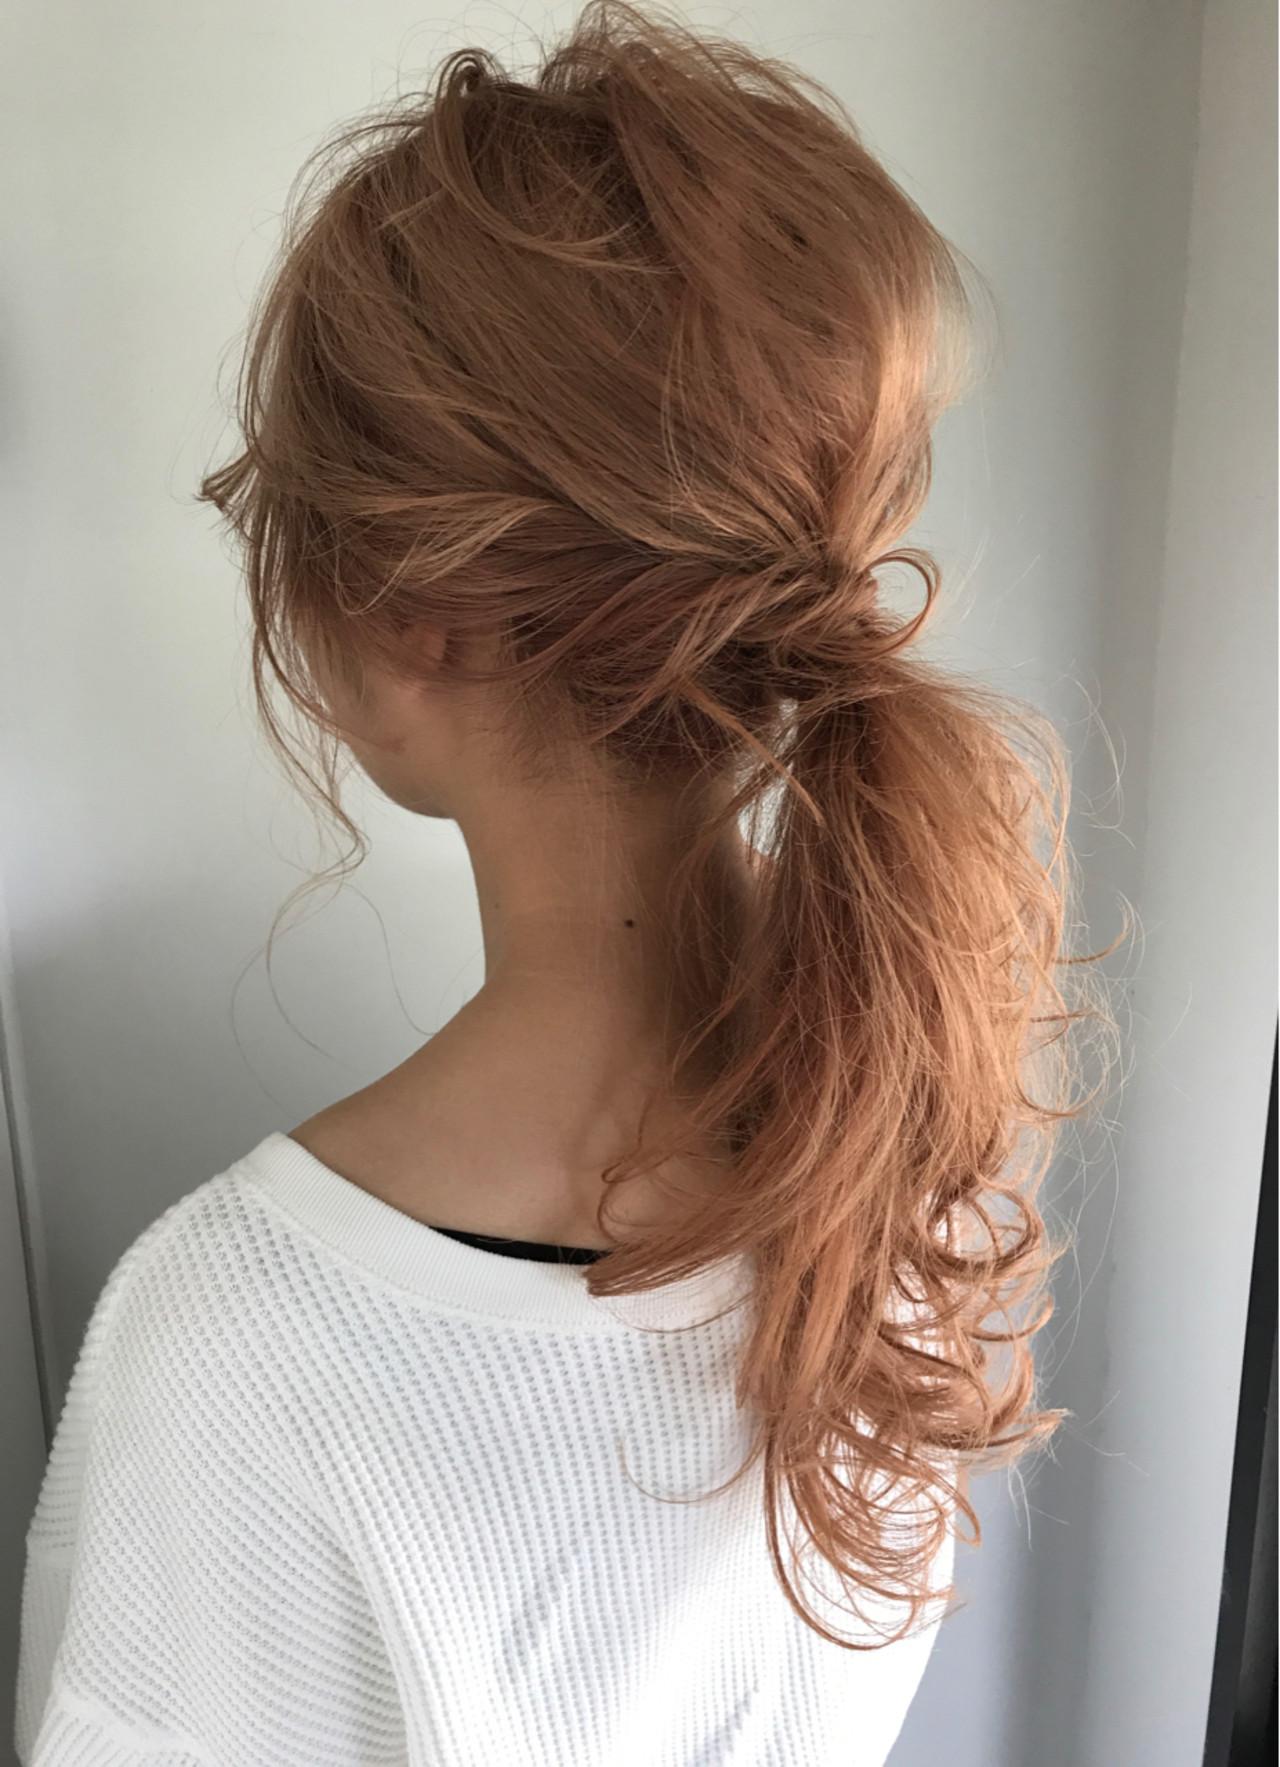 ナチュラル 簡単ヘアアレンジ セミロング ウェーブ ヘアスタイルや髪型の写真・画像 | Keiichi Suzuki/鈴木圭一 / CALVINA&LOWE